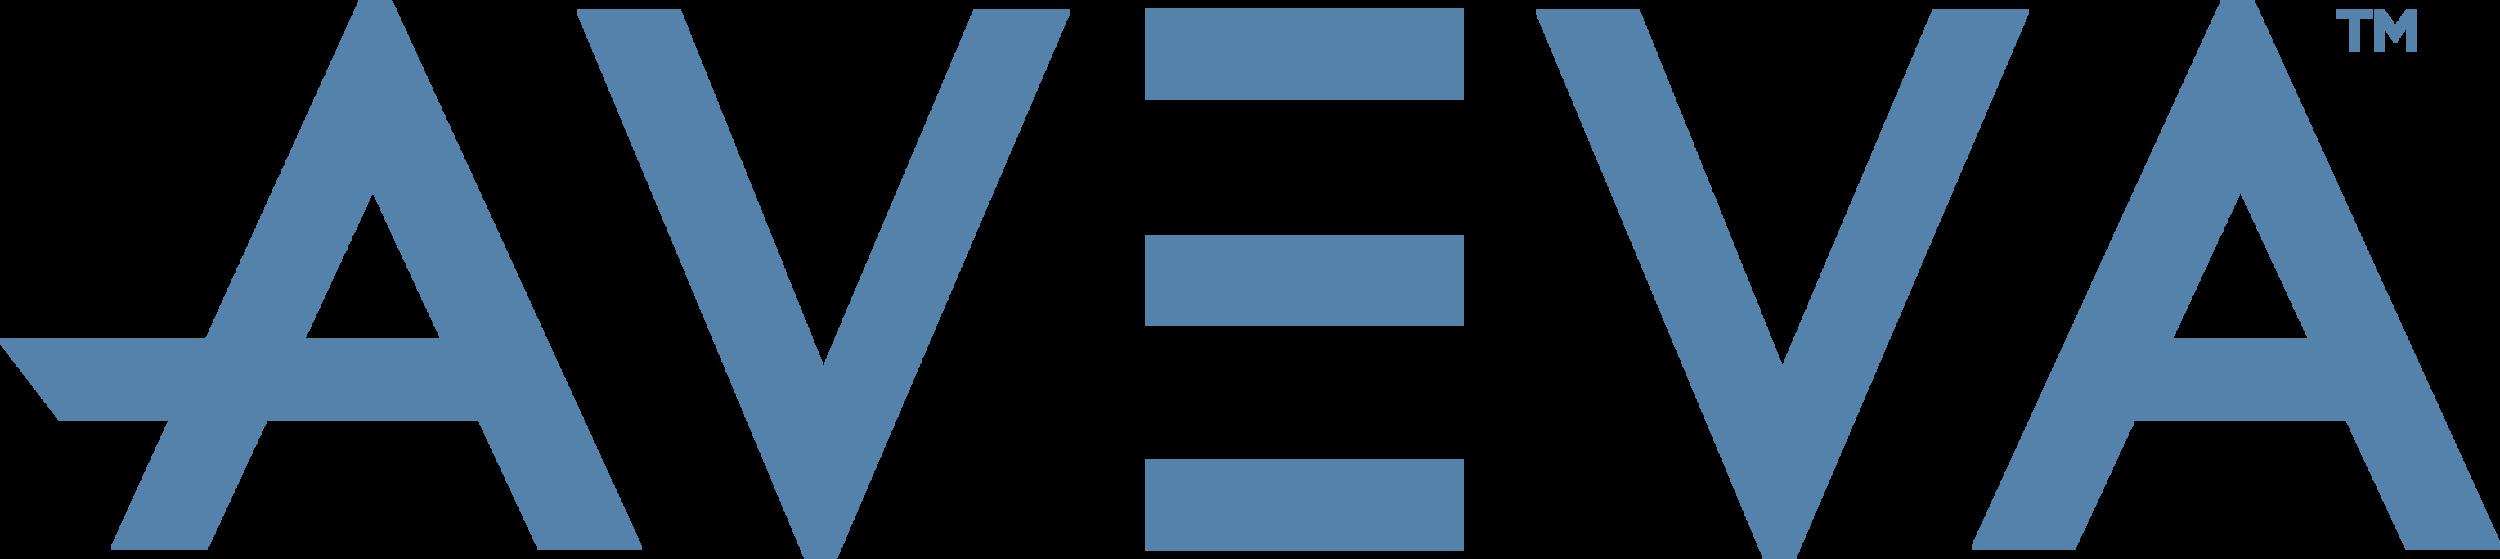 AVEVA_logo_RGB.png